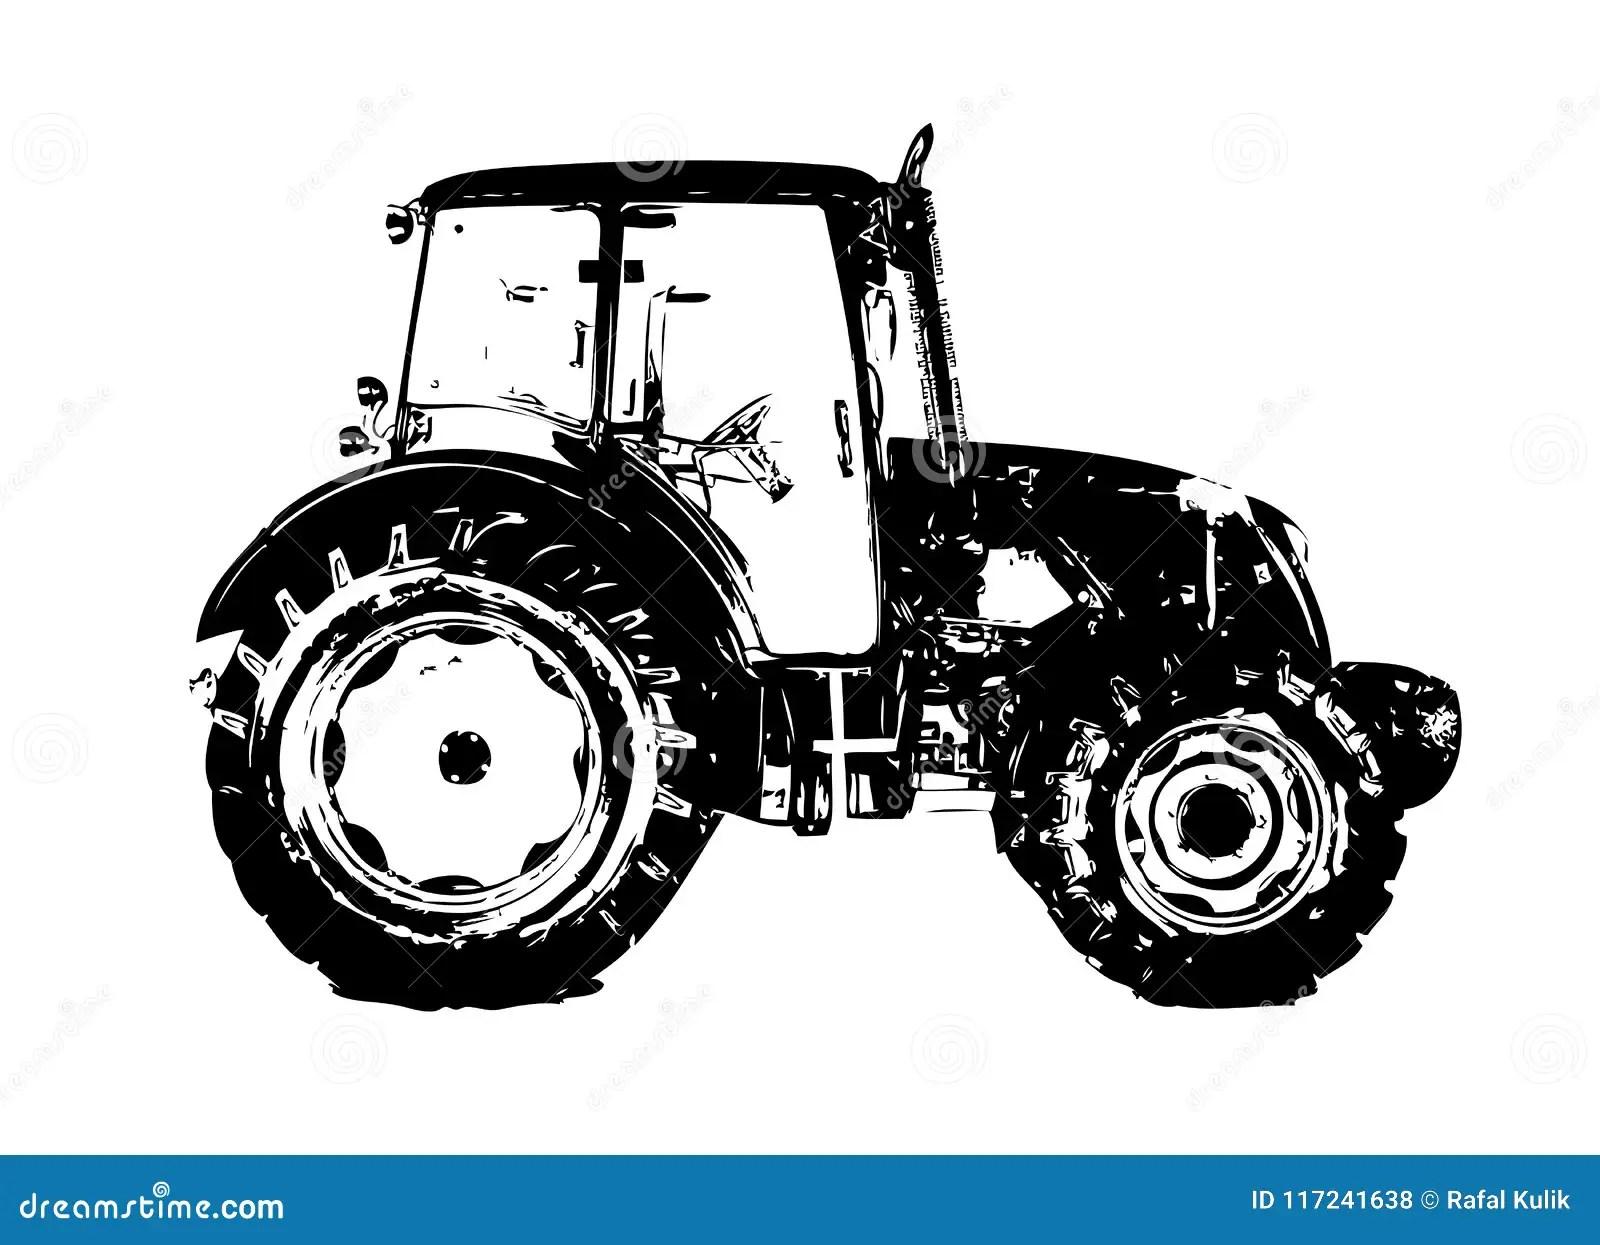 https fr dreamstime com dessin d art couleur illustration tracteur agricole image117241638